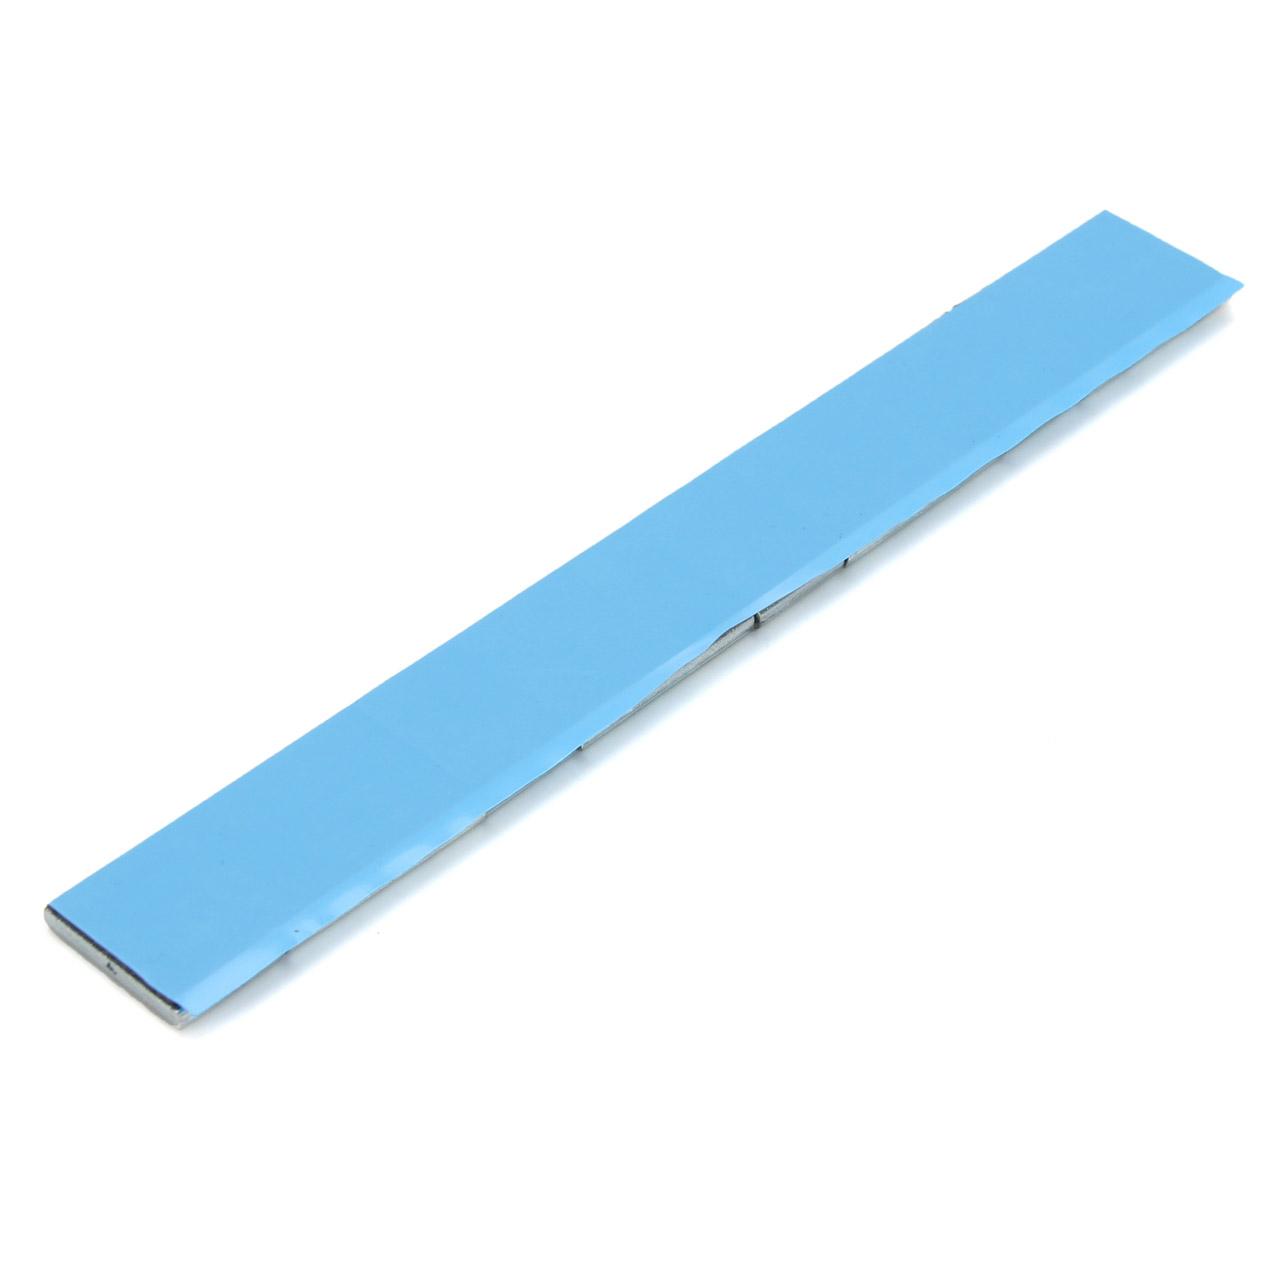 PERFECT Auswuchtgewichte Klebegewichte SILBER-STAHL 100 Stückx60g (4x10g + 4x5g)